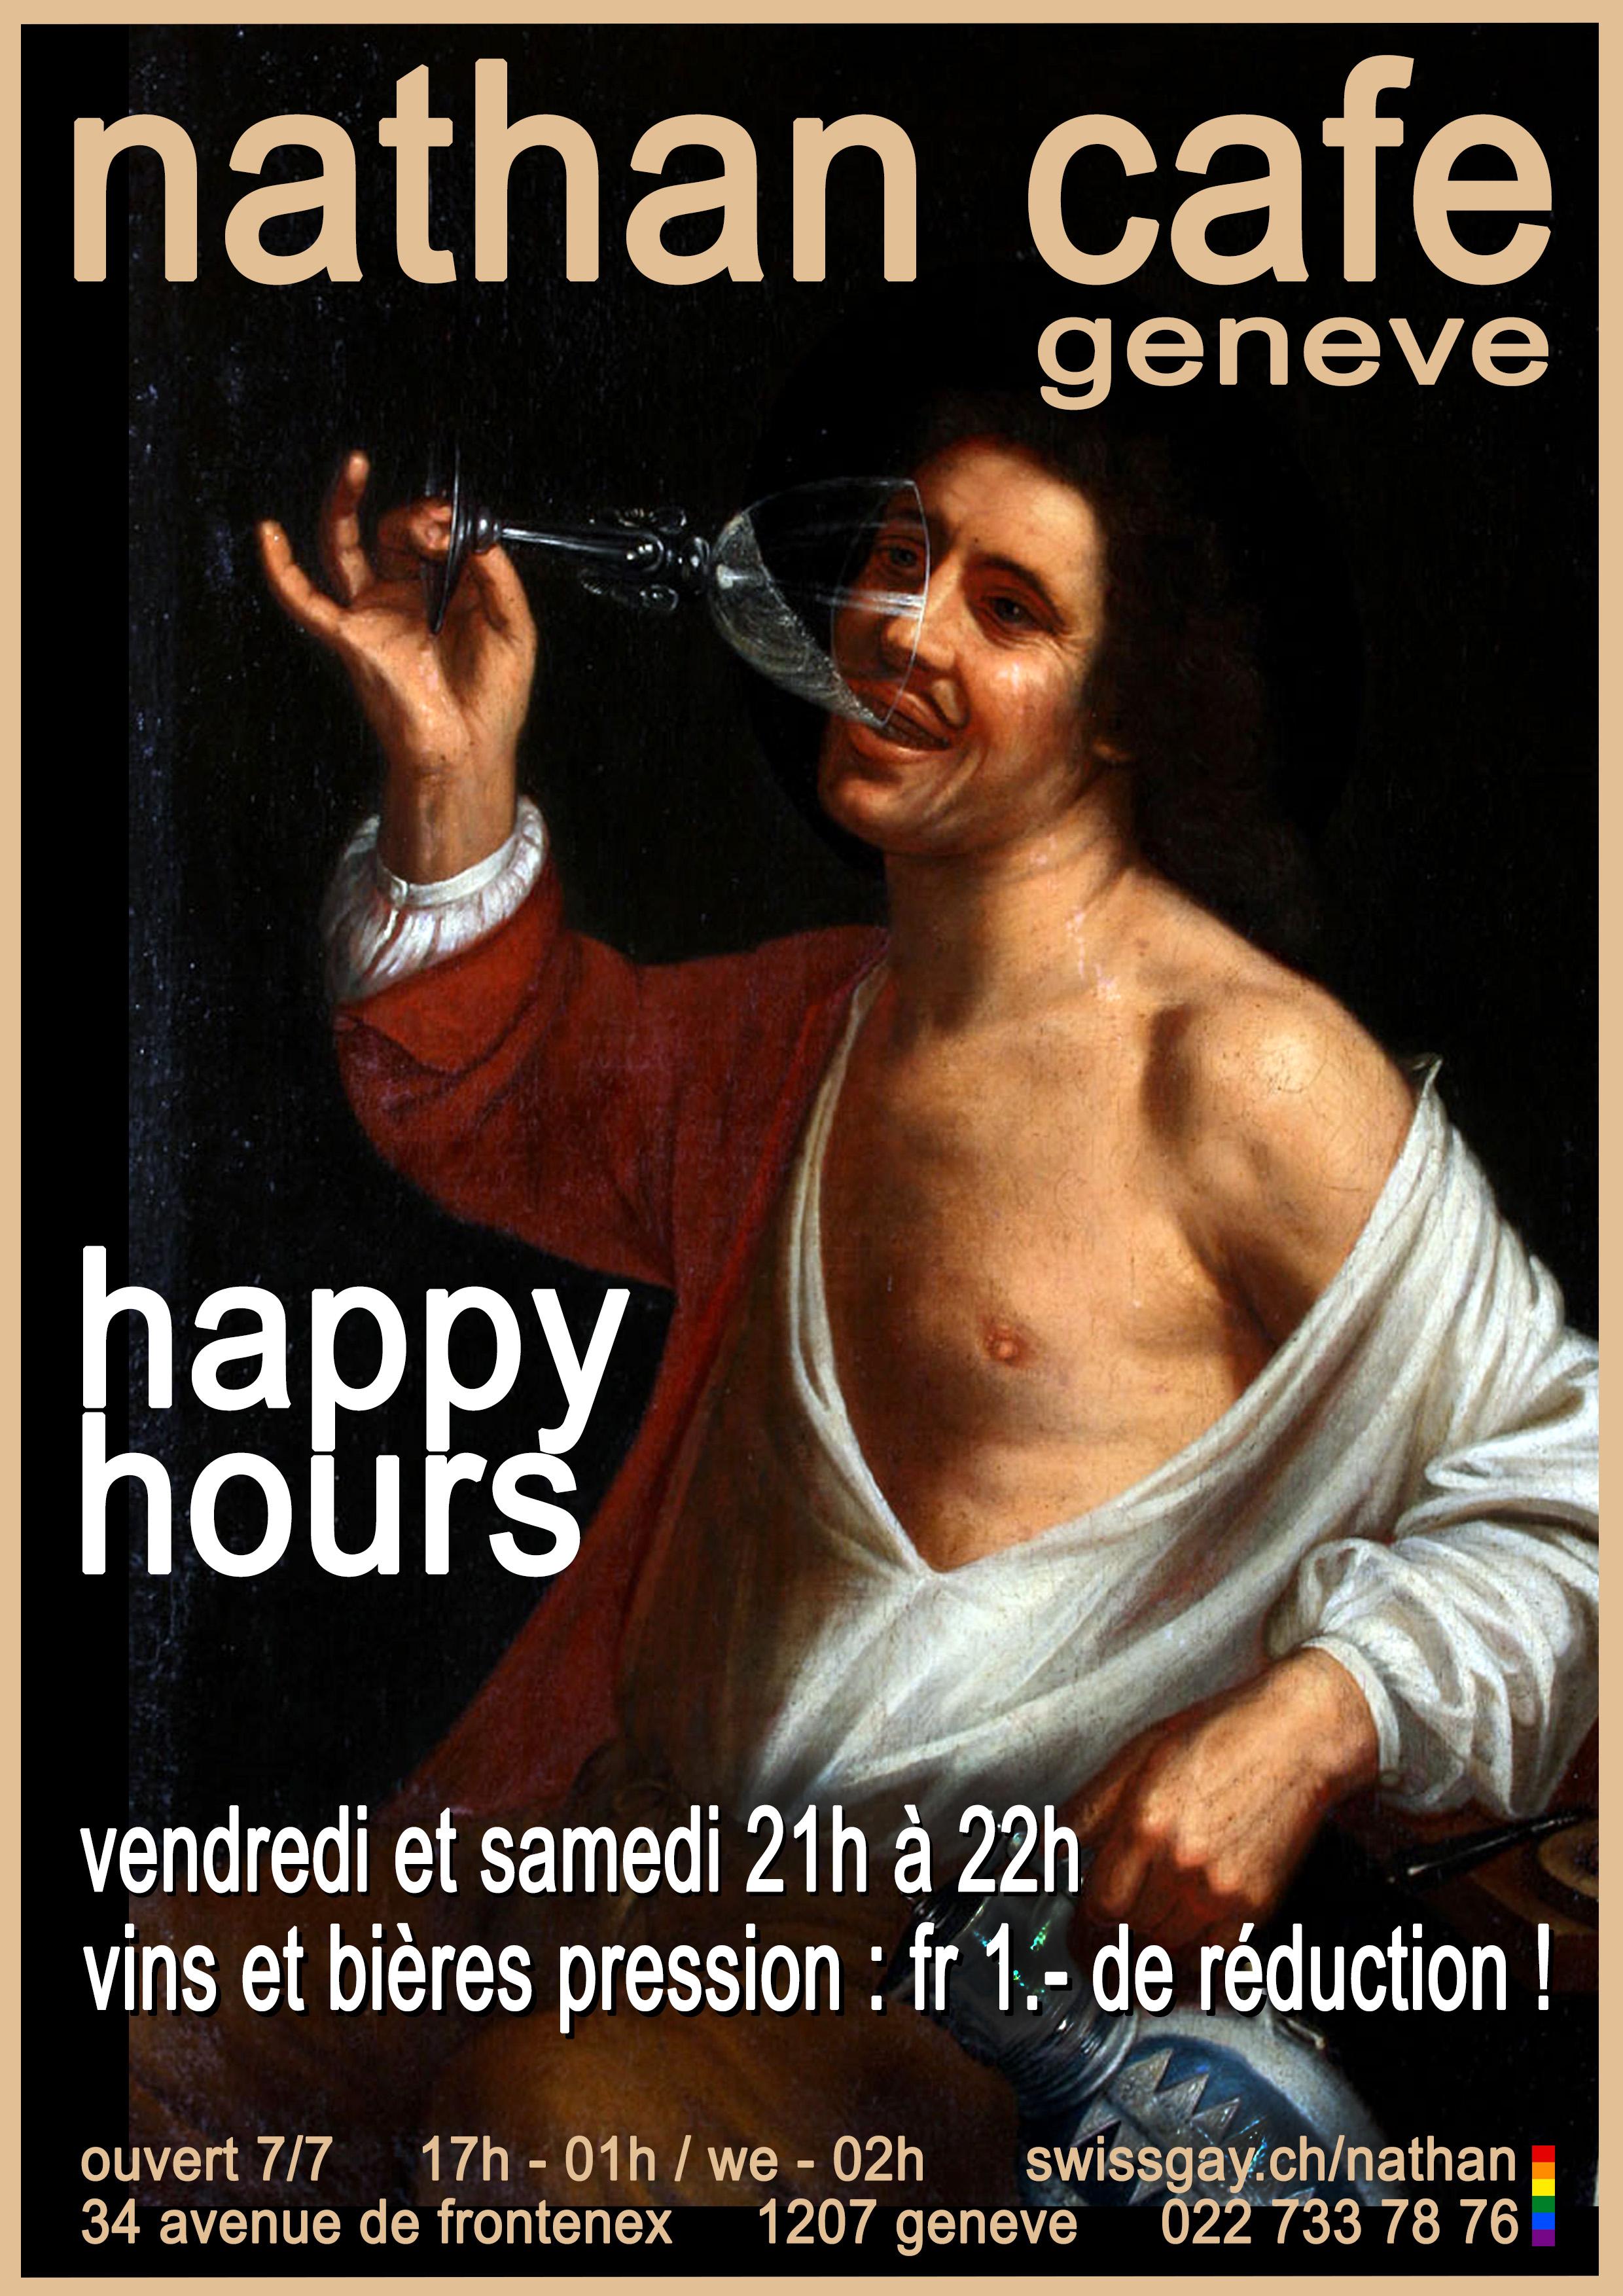 Nathan Café Genève - Happy hours : tous les vins et bières pression, fr 1.- de réduction !